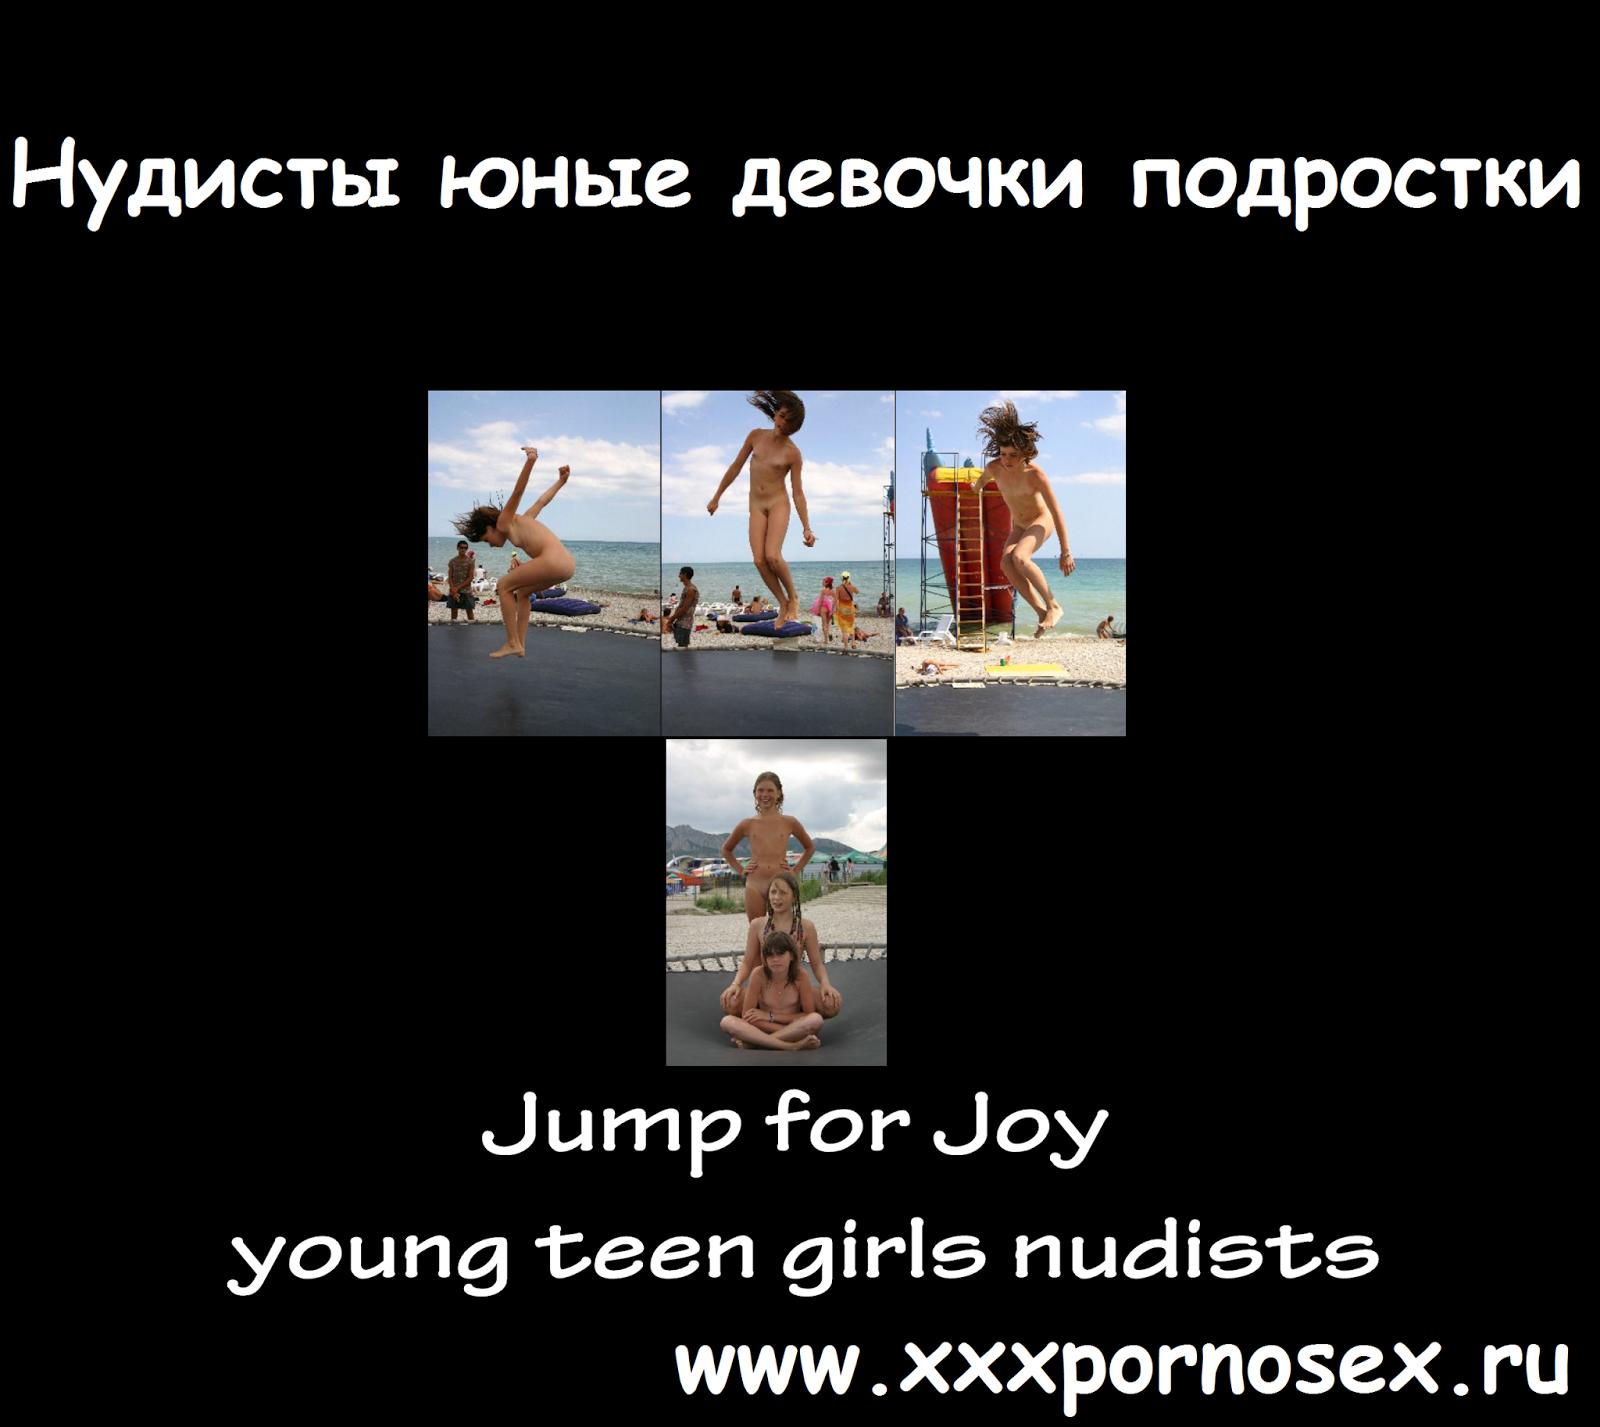 Маленькие нудистки прыгают на батуте, скачать бесплатно видео Jump for Joy - young teen girls nudists